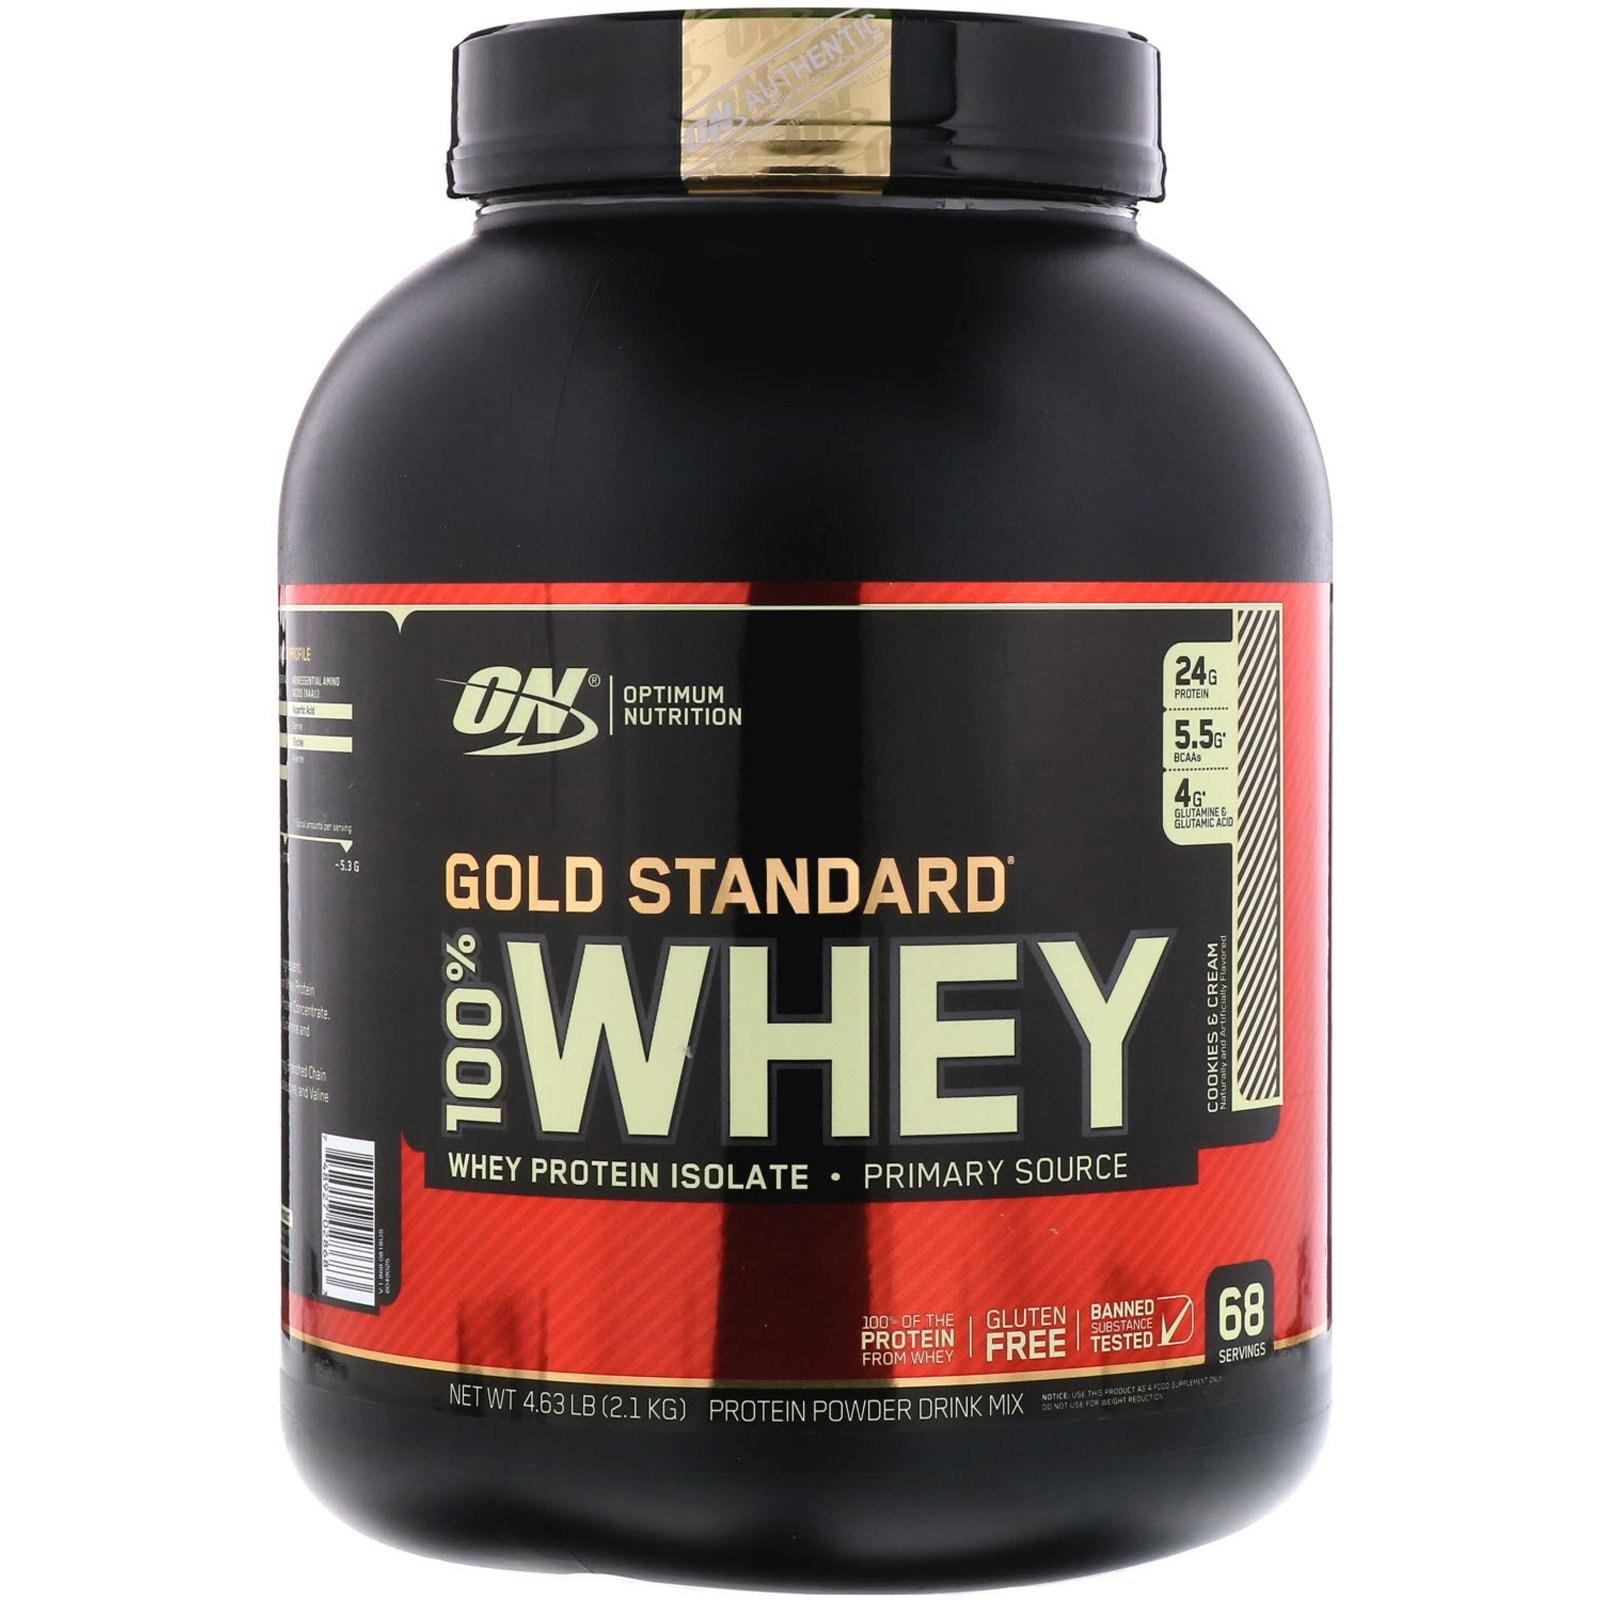 옵티멀뉴트리션 골드스탠다드 100% 유청 쿠키앤크림 2.1kg 단백질, 1개, -